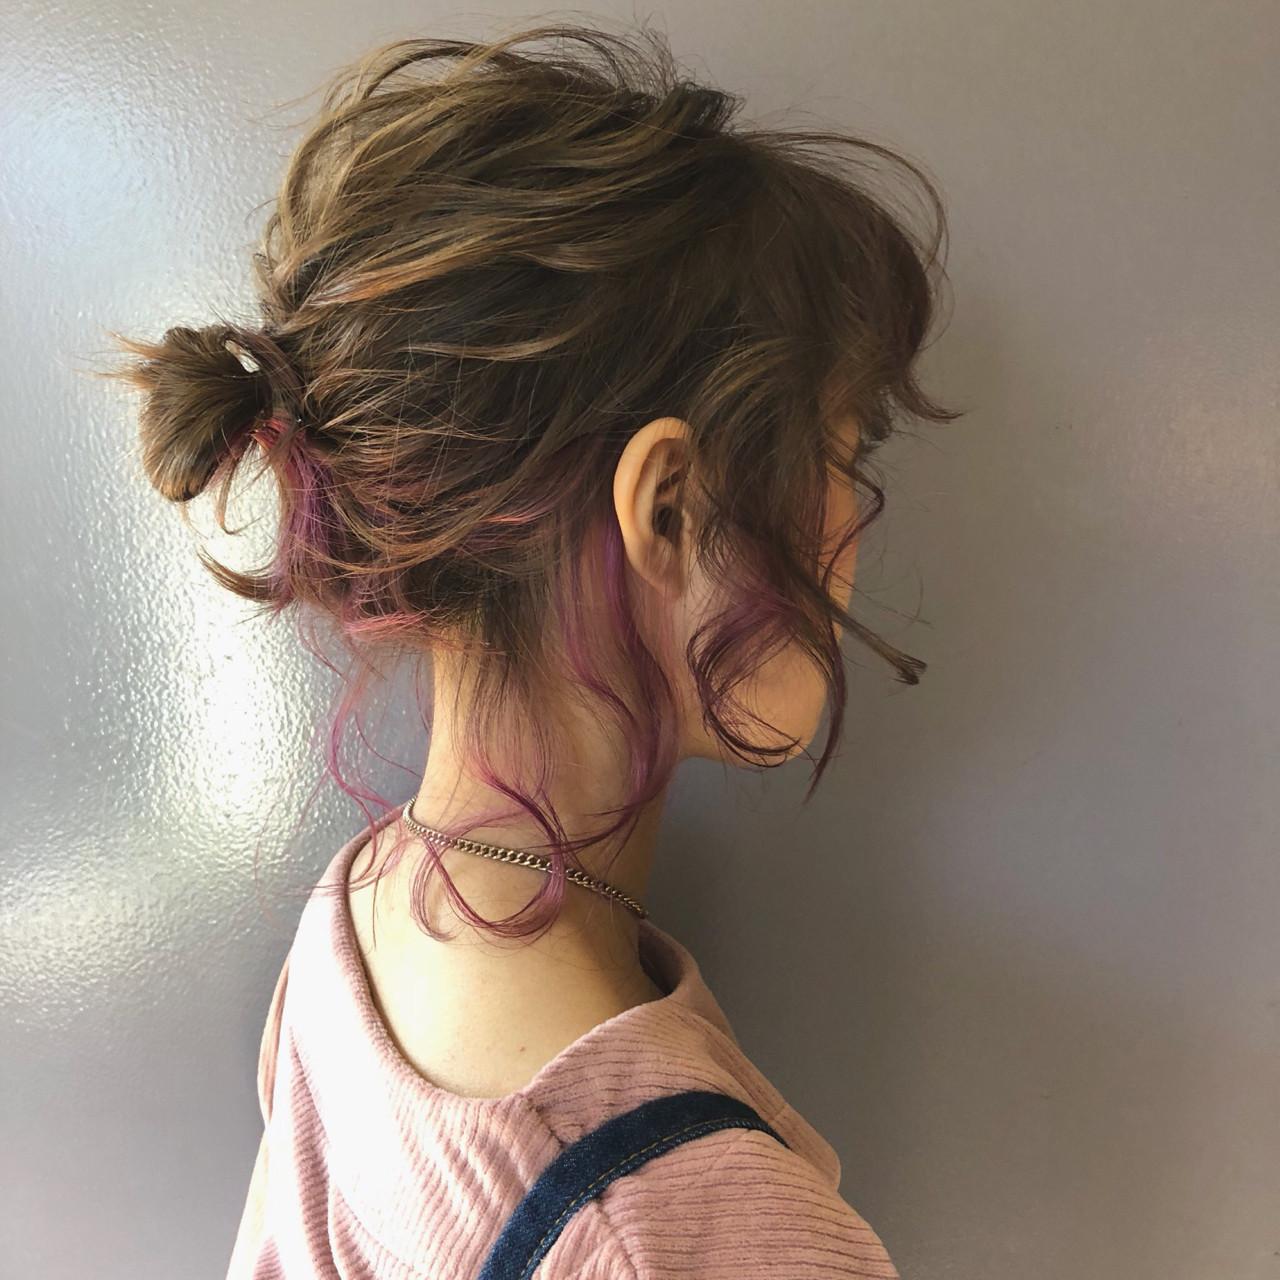 ダブルカラー ガーリー ヘアアレンジ お団子 ヘアスタイルや髪型の写真・画像